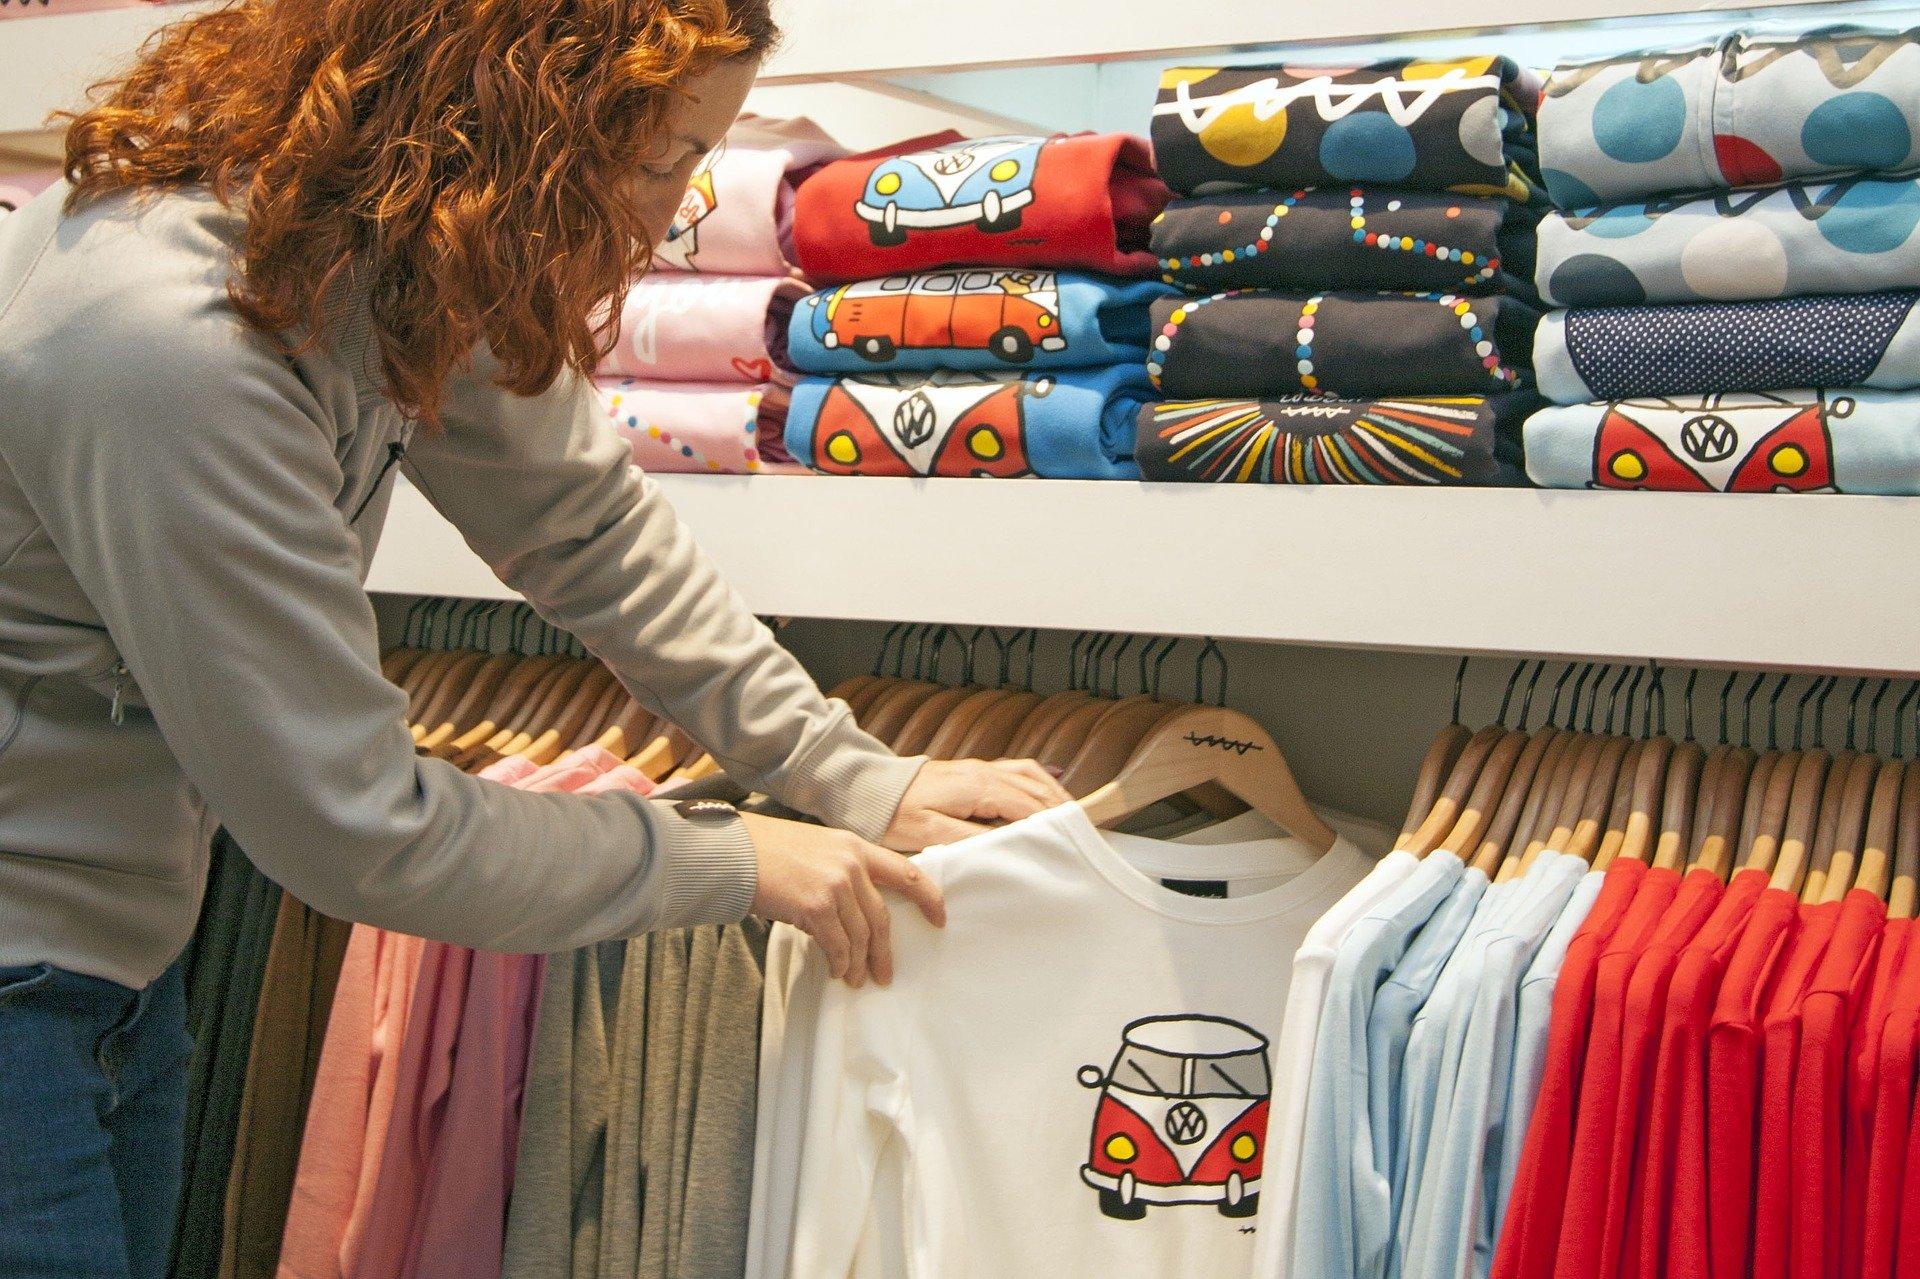 Koszulki z własnym nadrukiem- sposób na indywidualność?